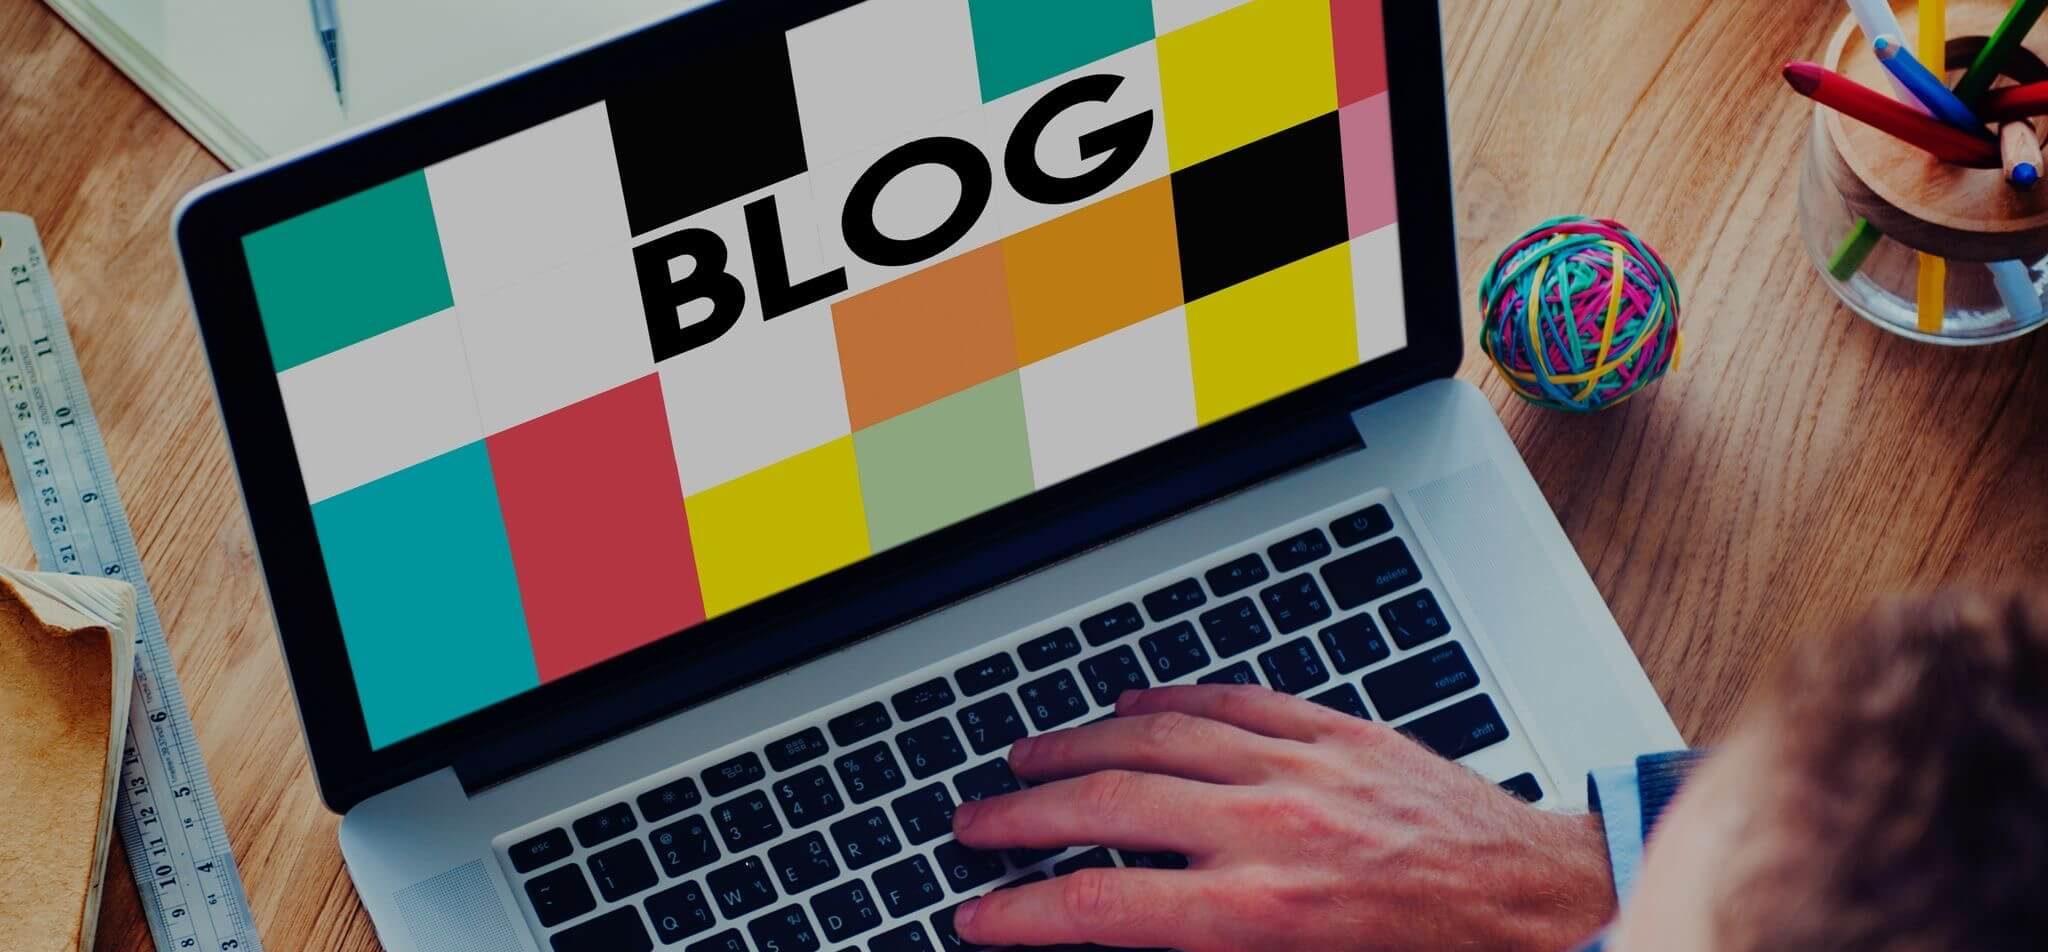 blog como negocios desde casa